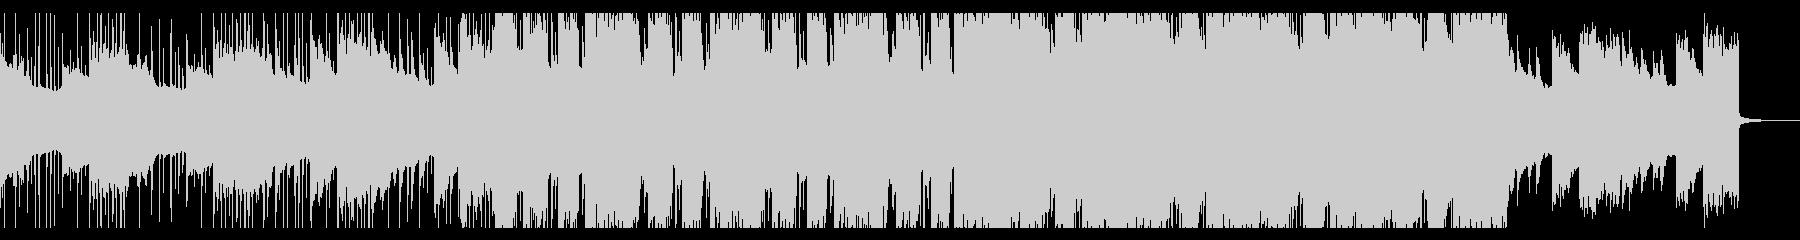 清涼感のあるオルガンPOPSの未再生の波形